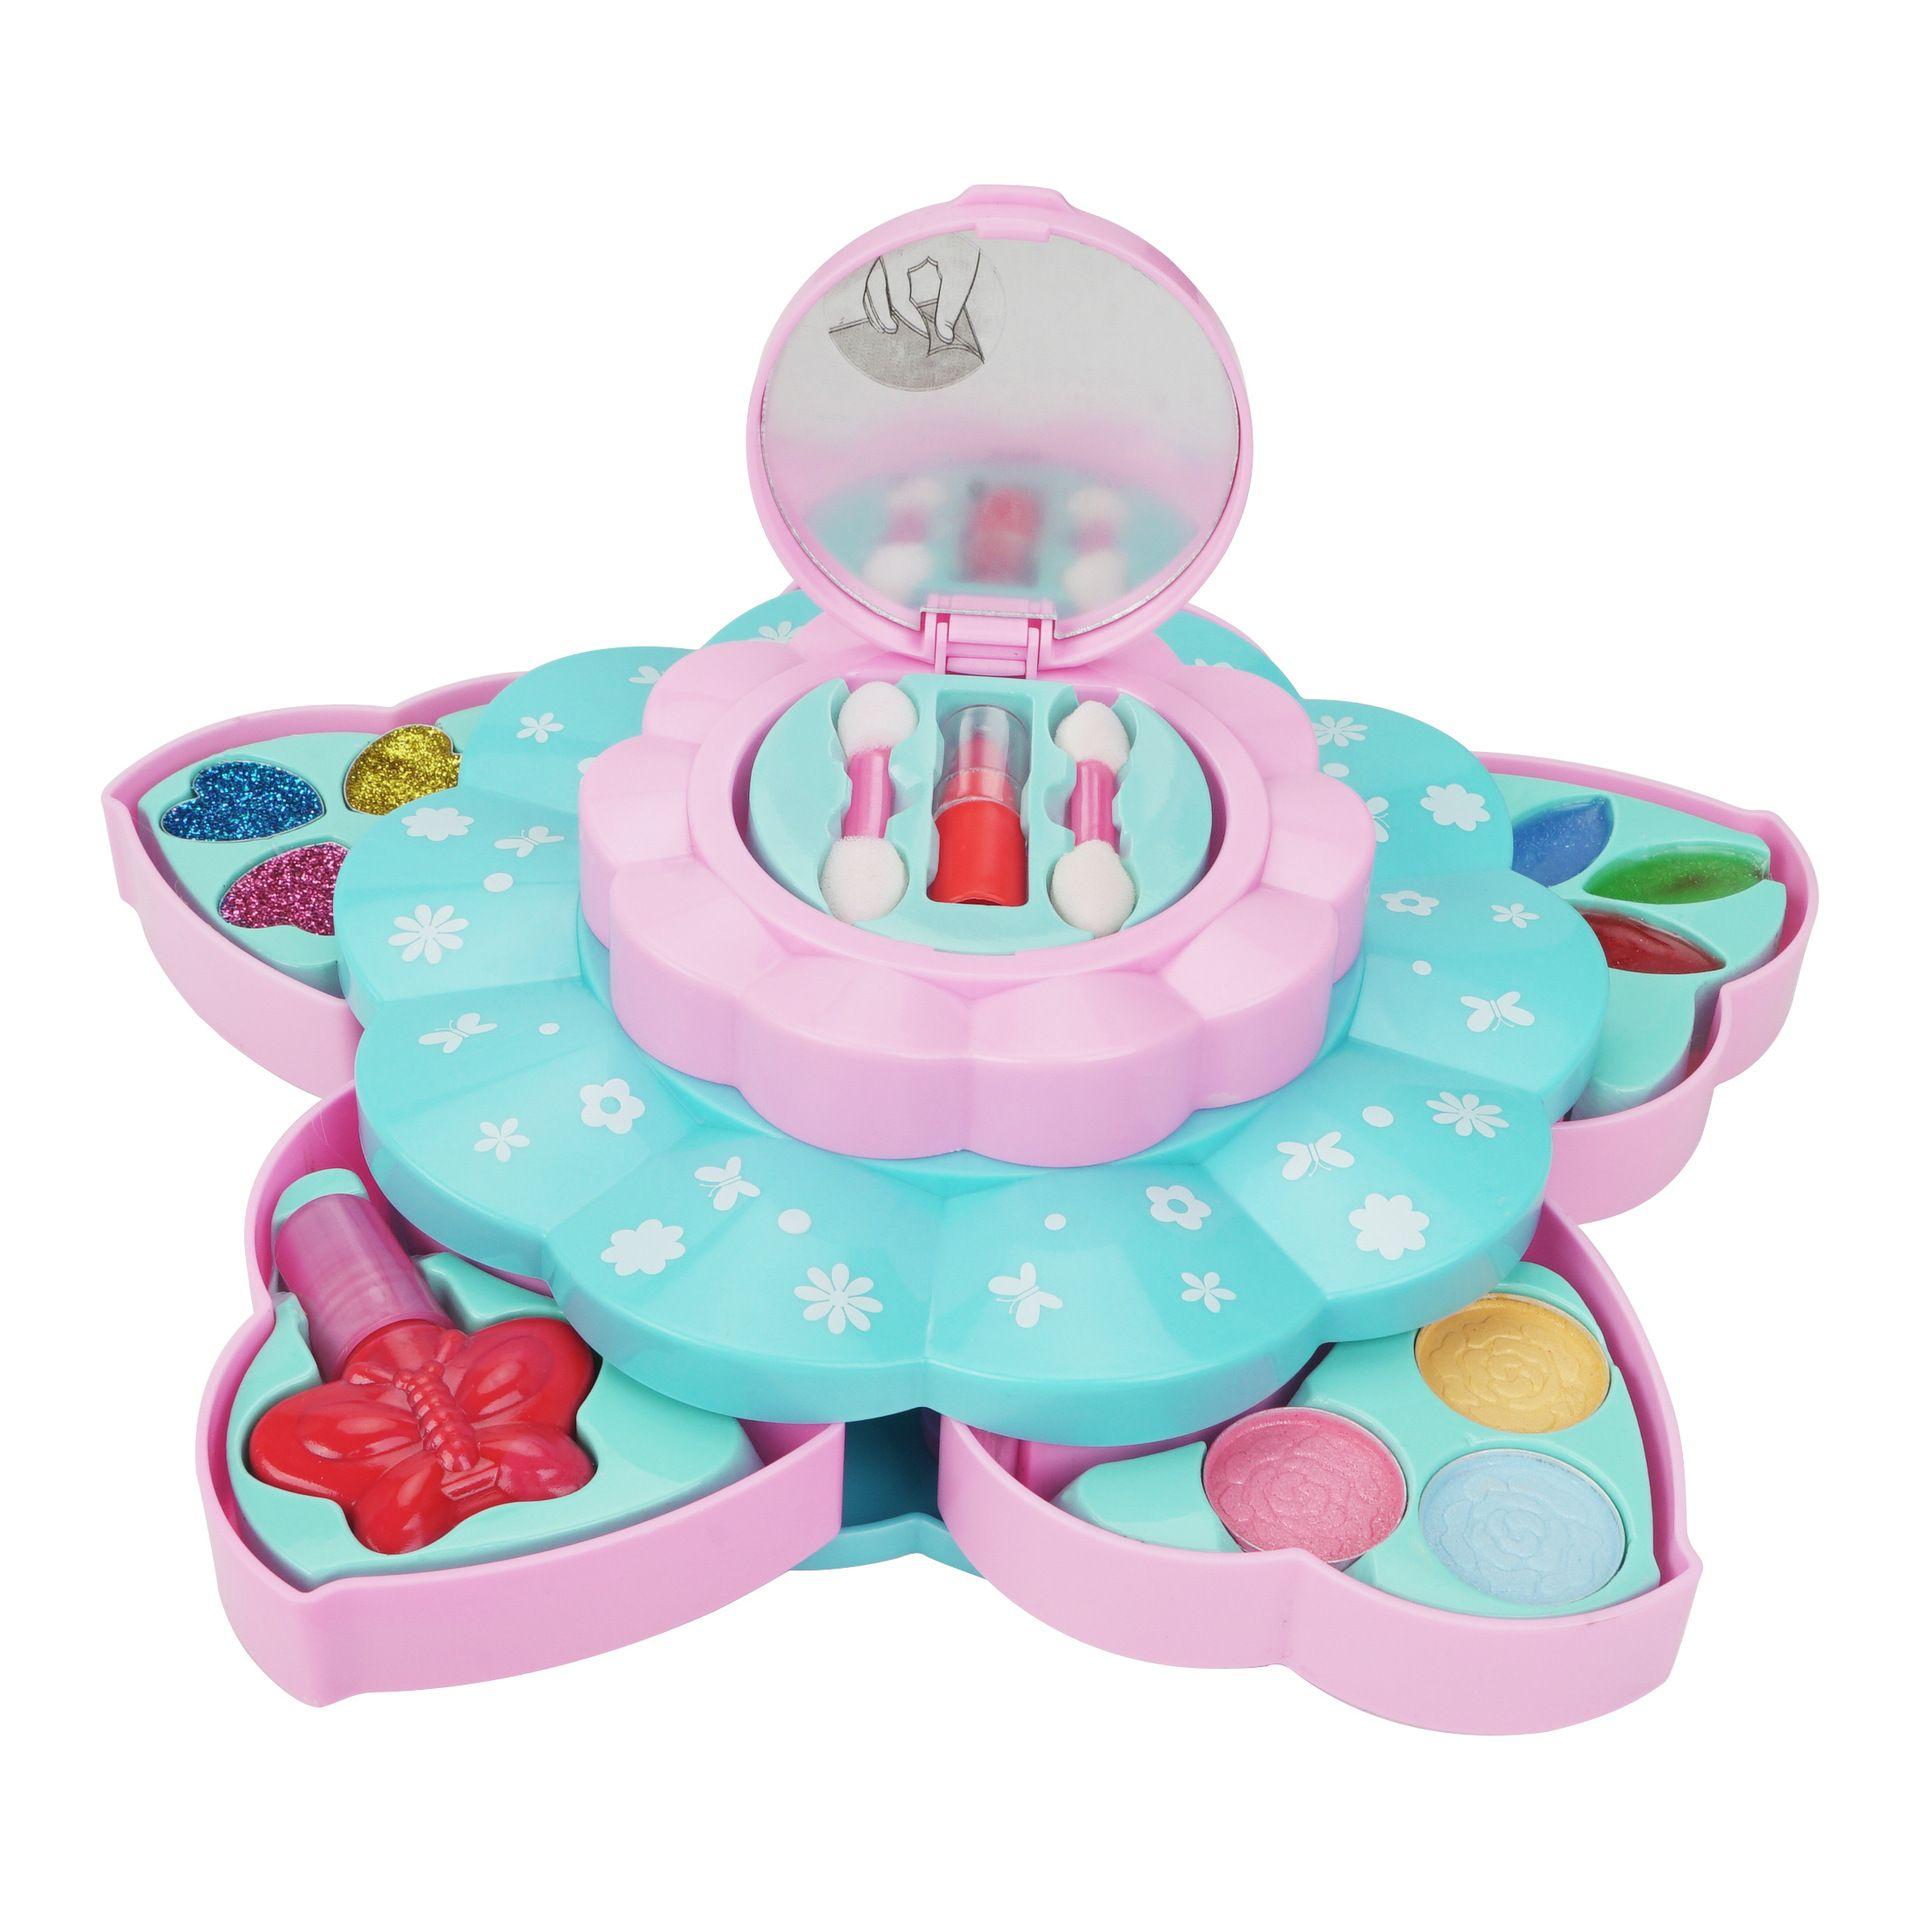 Beauty Box Kinder Make-up Spielzeug Wasserlösliche Make-up Kosmetik Spiel Haus Spielzeug Mädchen Make-up Safe Material Natürlich leicht zu reinigen